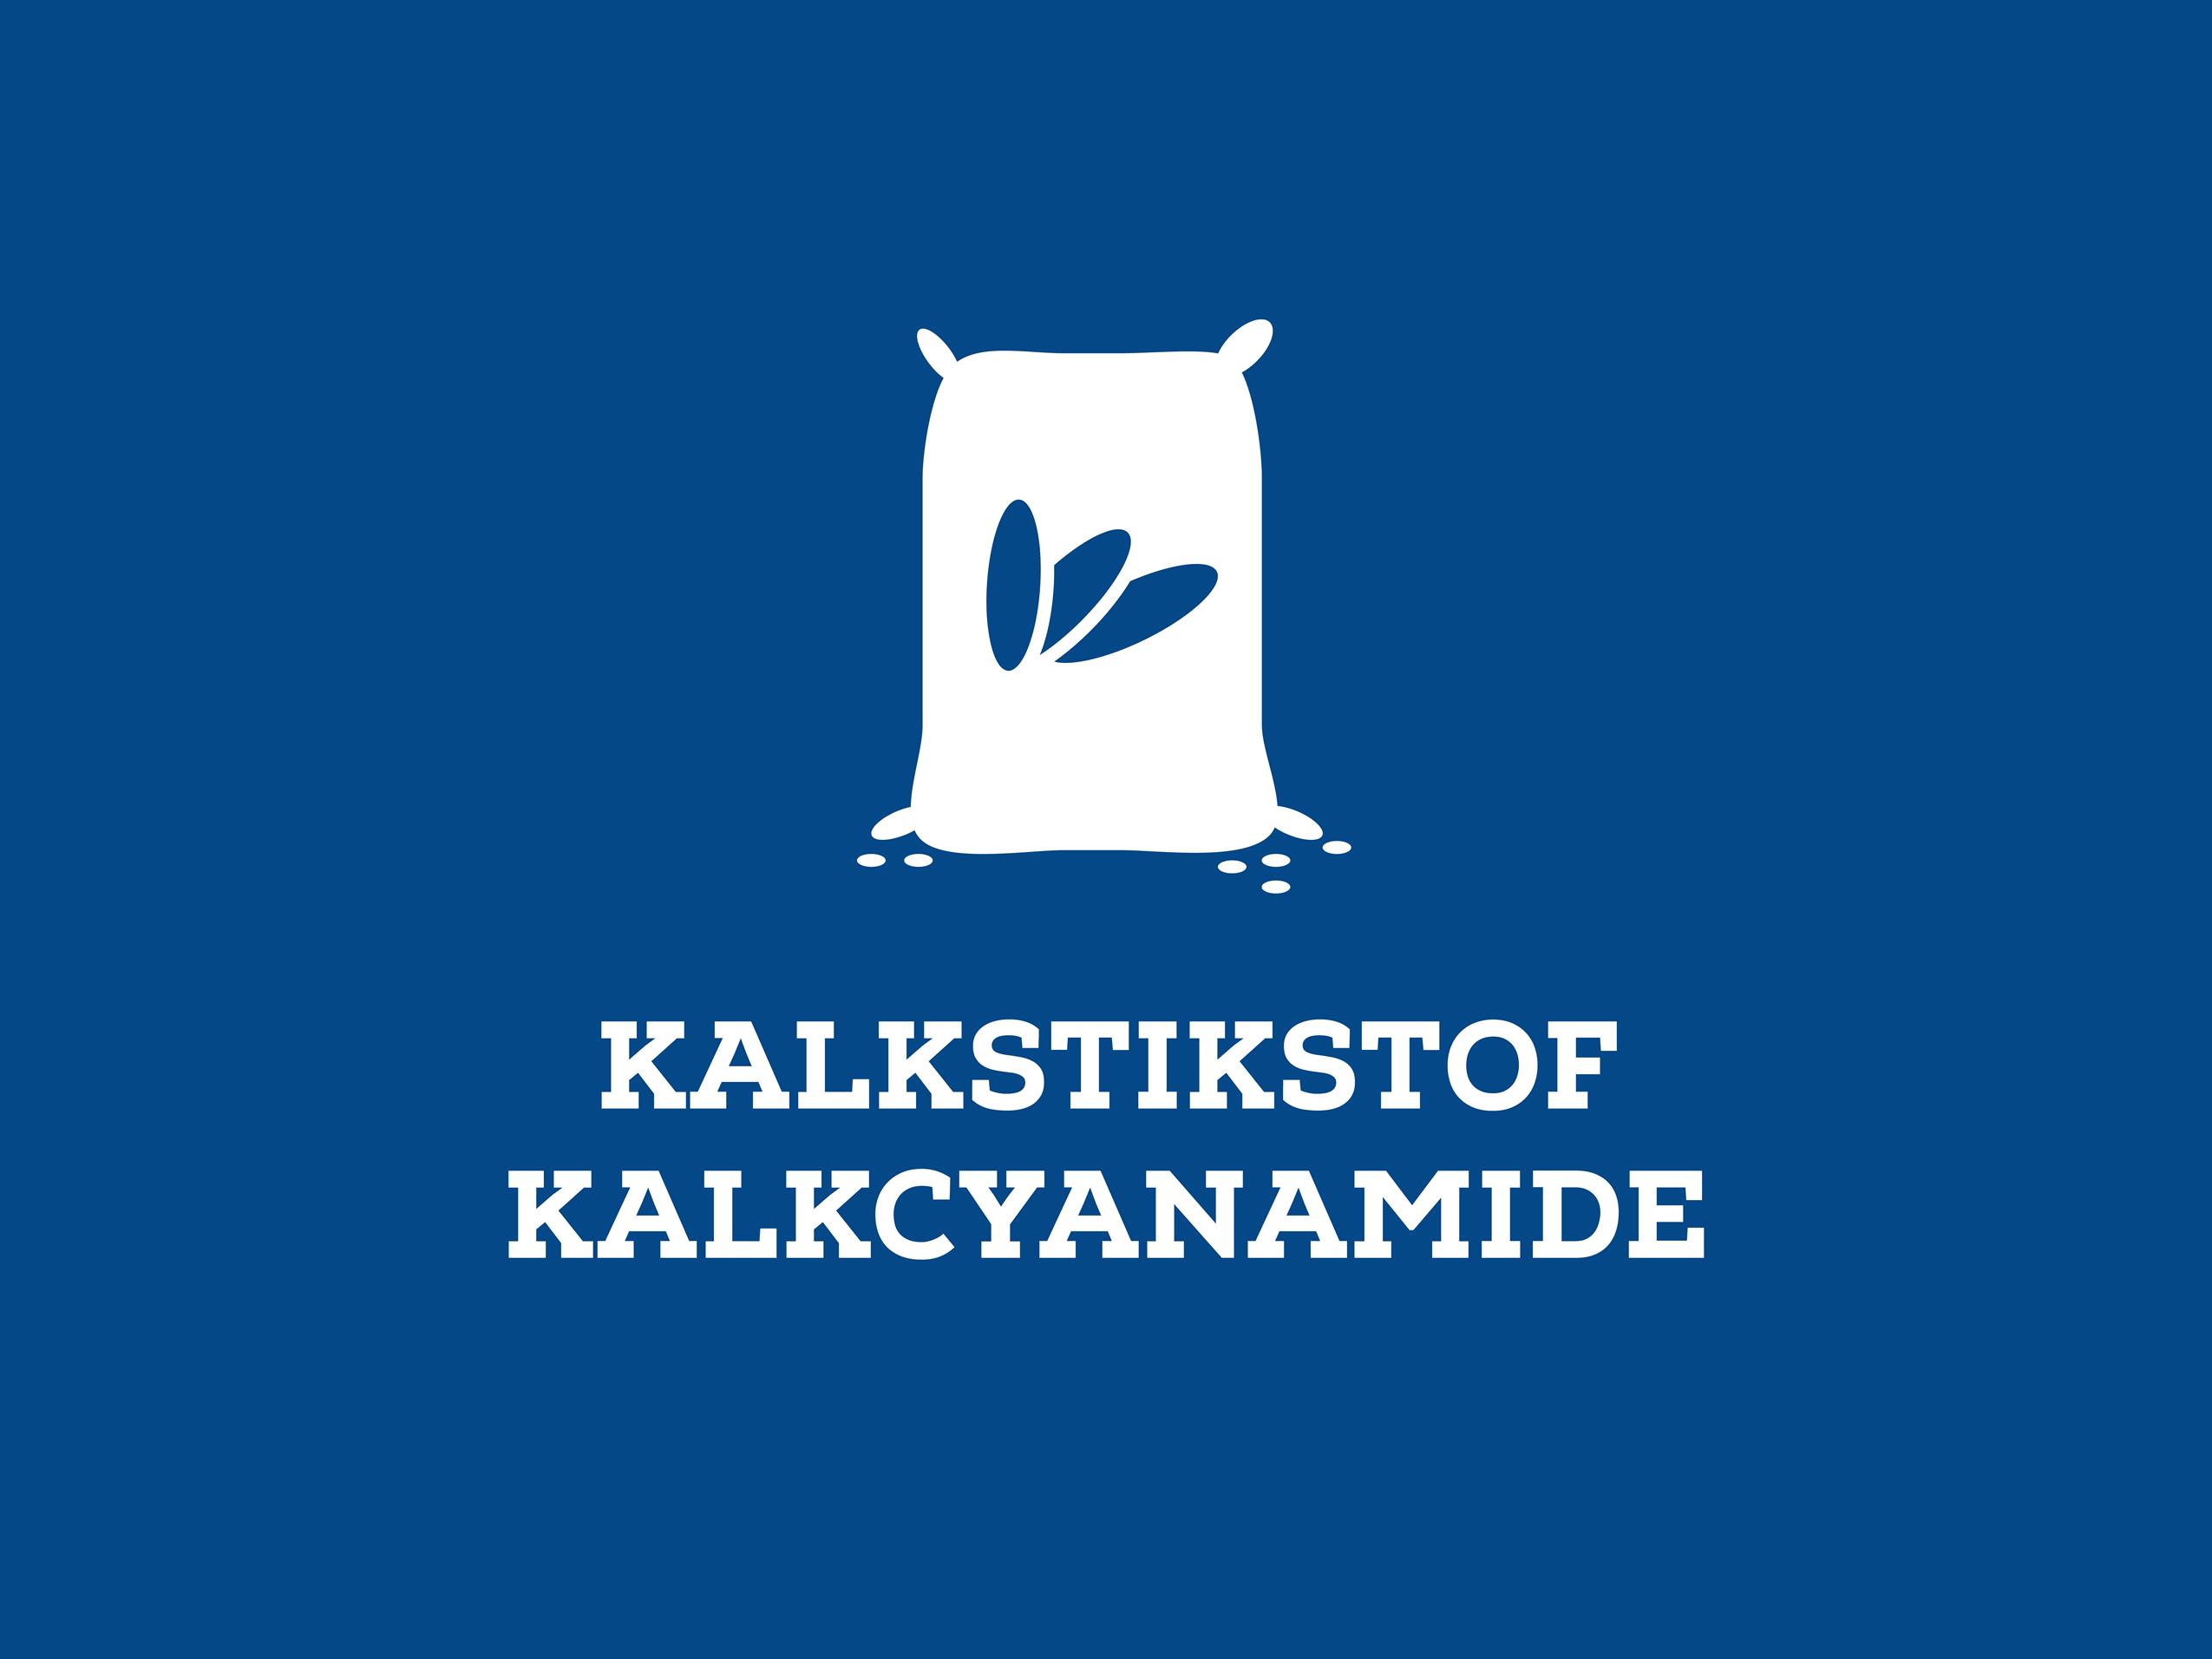 Kalkstikstof - Kalkcyanamide